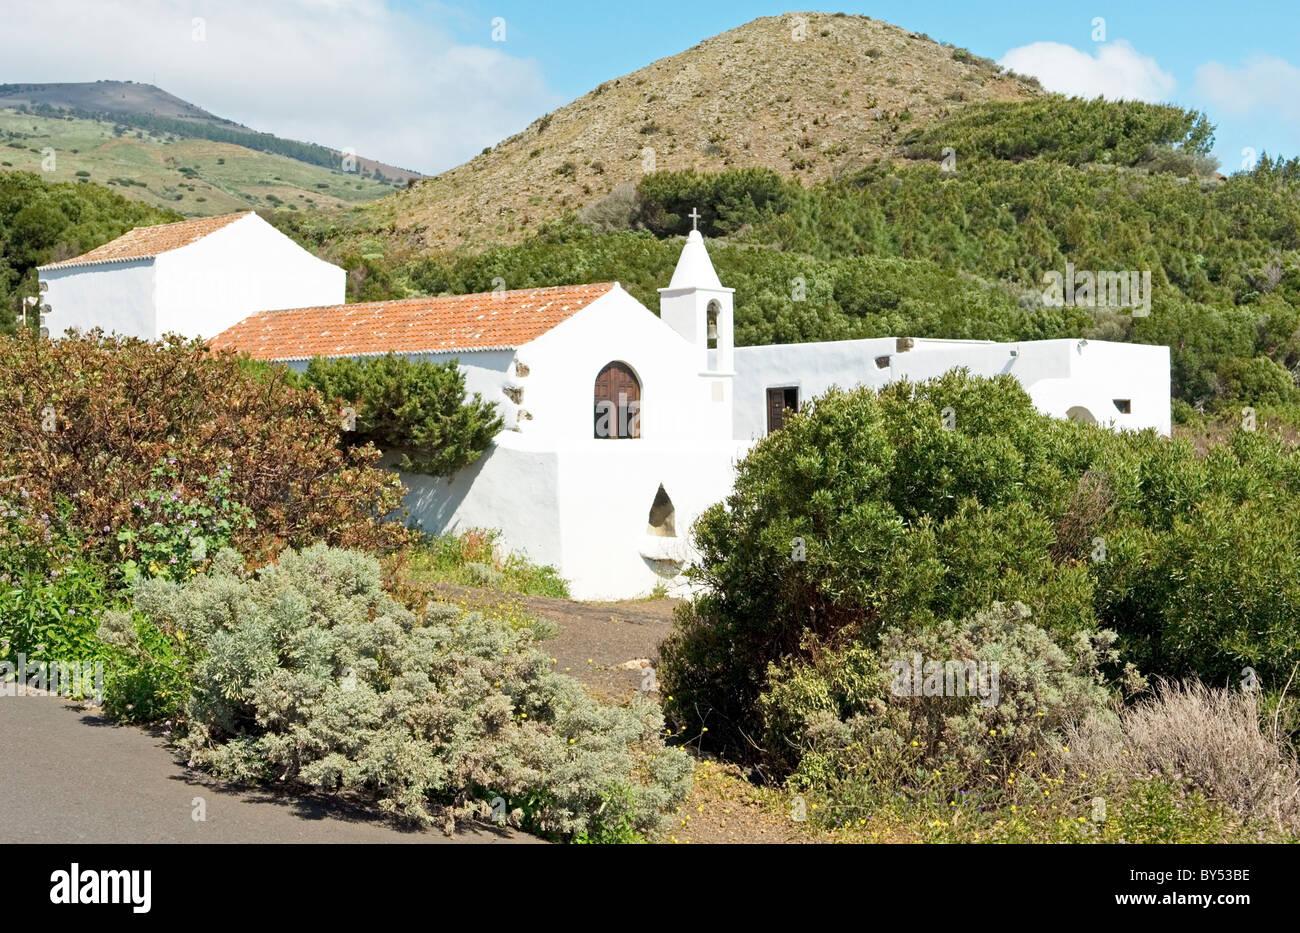 El Hierro, Canary Islands, Spain. Santuario de Nuestra Senora de Los Reyes at the island's west end - Stock Image